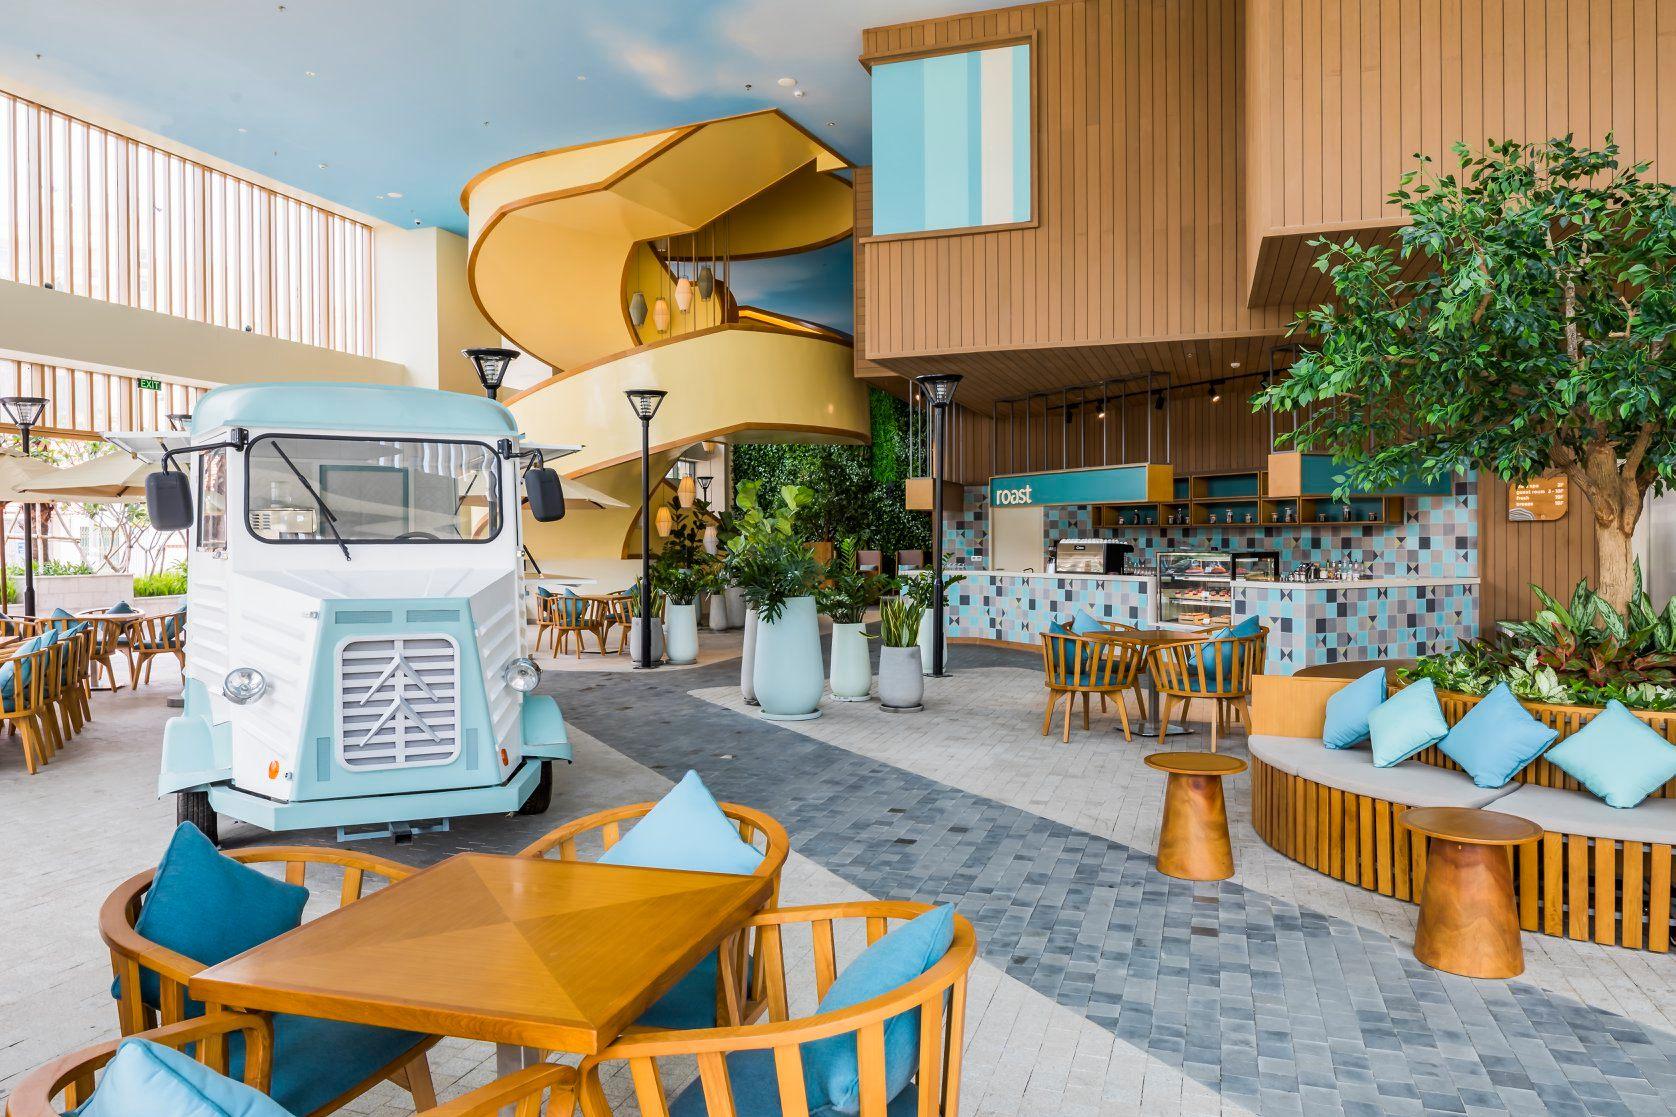 【越南頭頓住宿】Fusion Suites Vung Tau濱海4星級無邊際泳池飯店